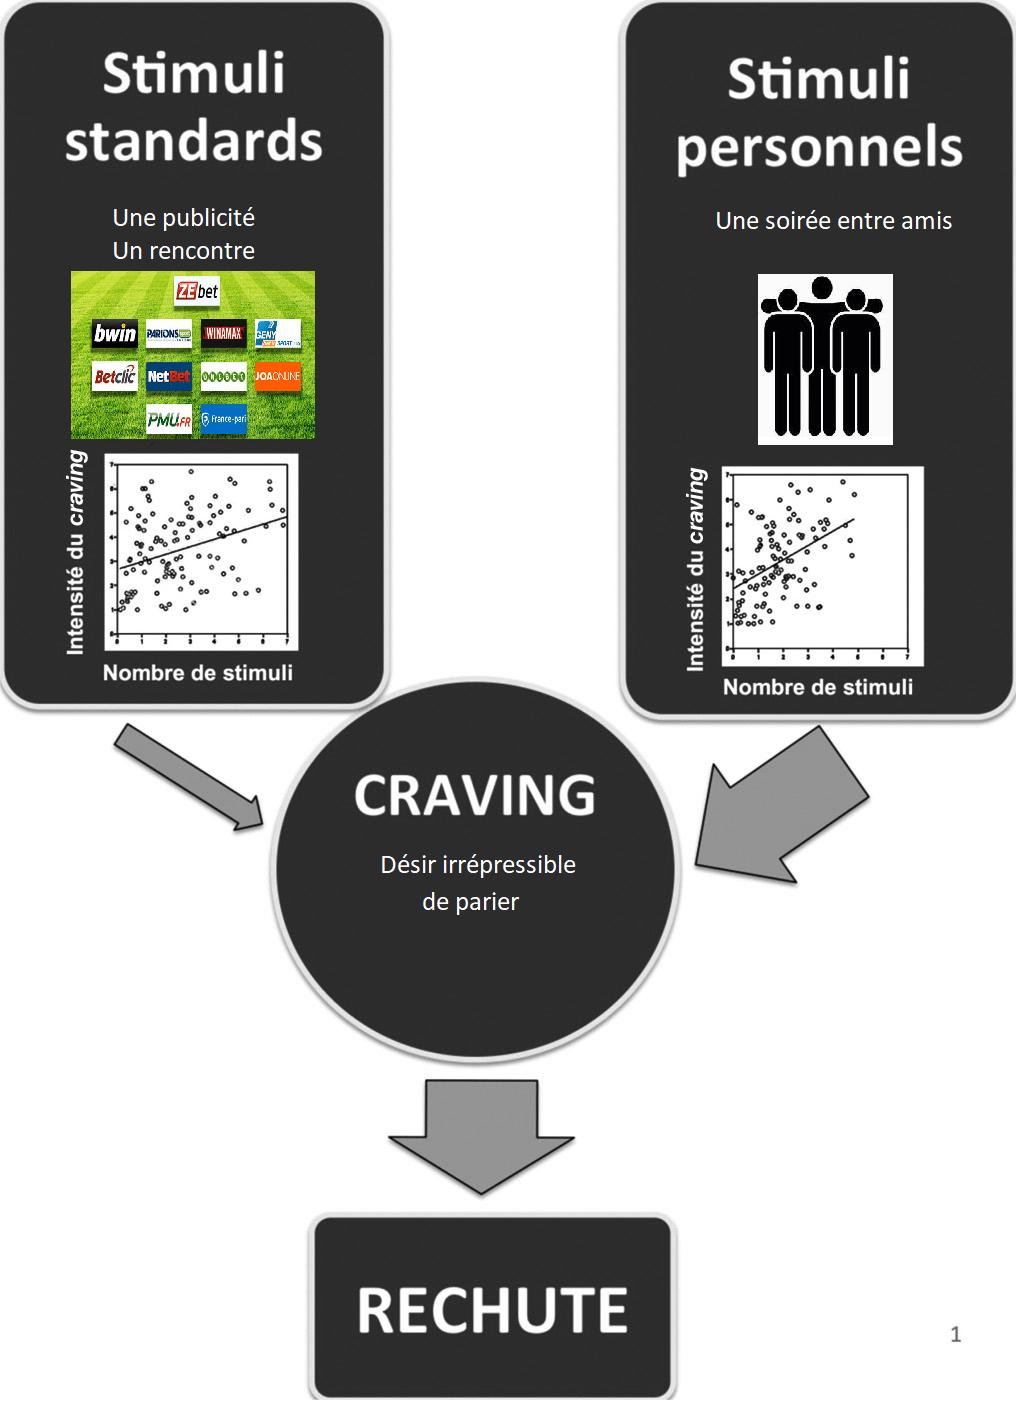 Implication de l'environnement et du craving dans le processus de la rechute